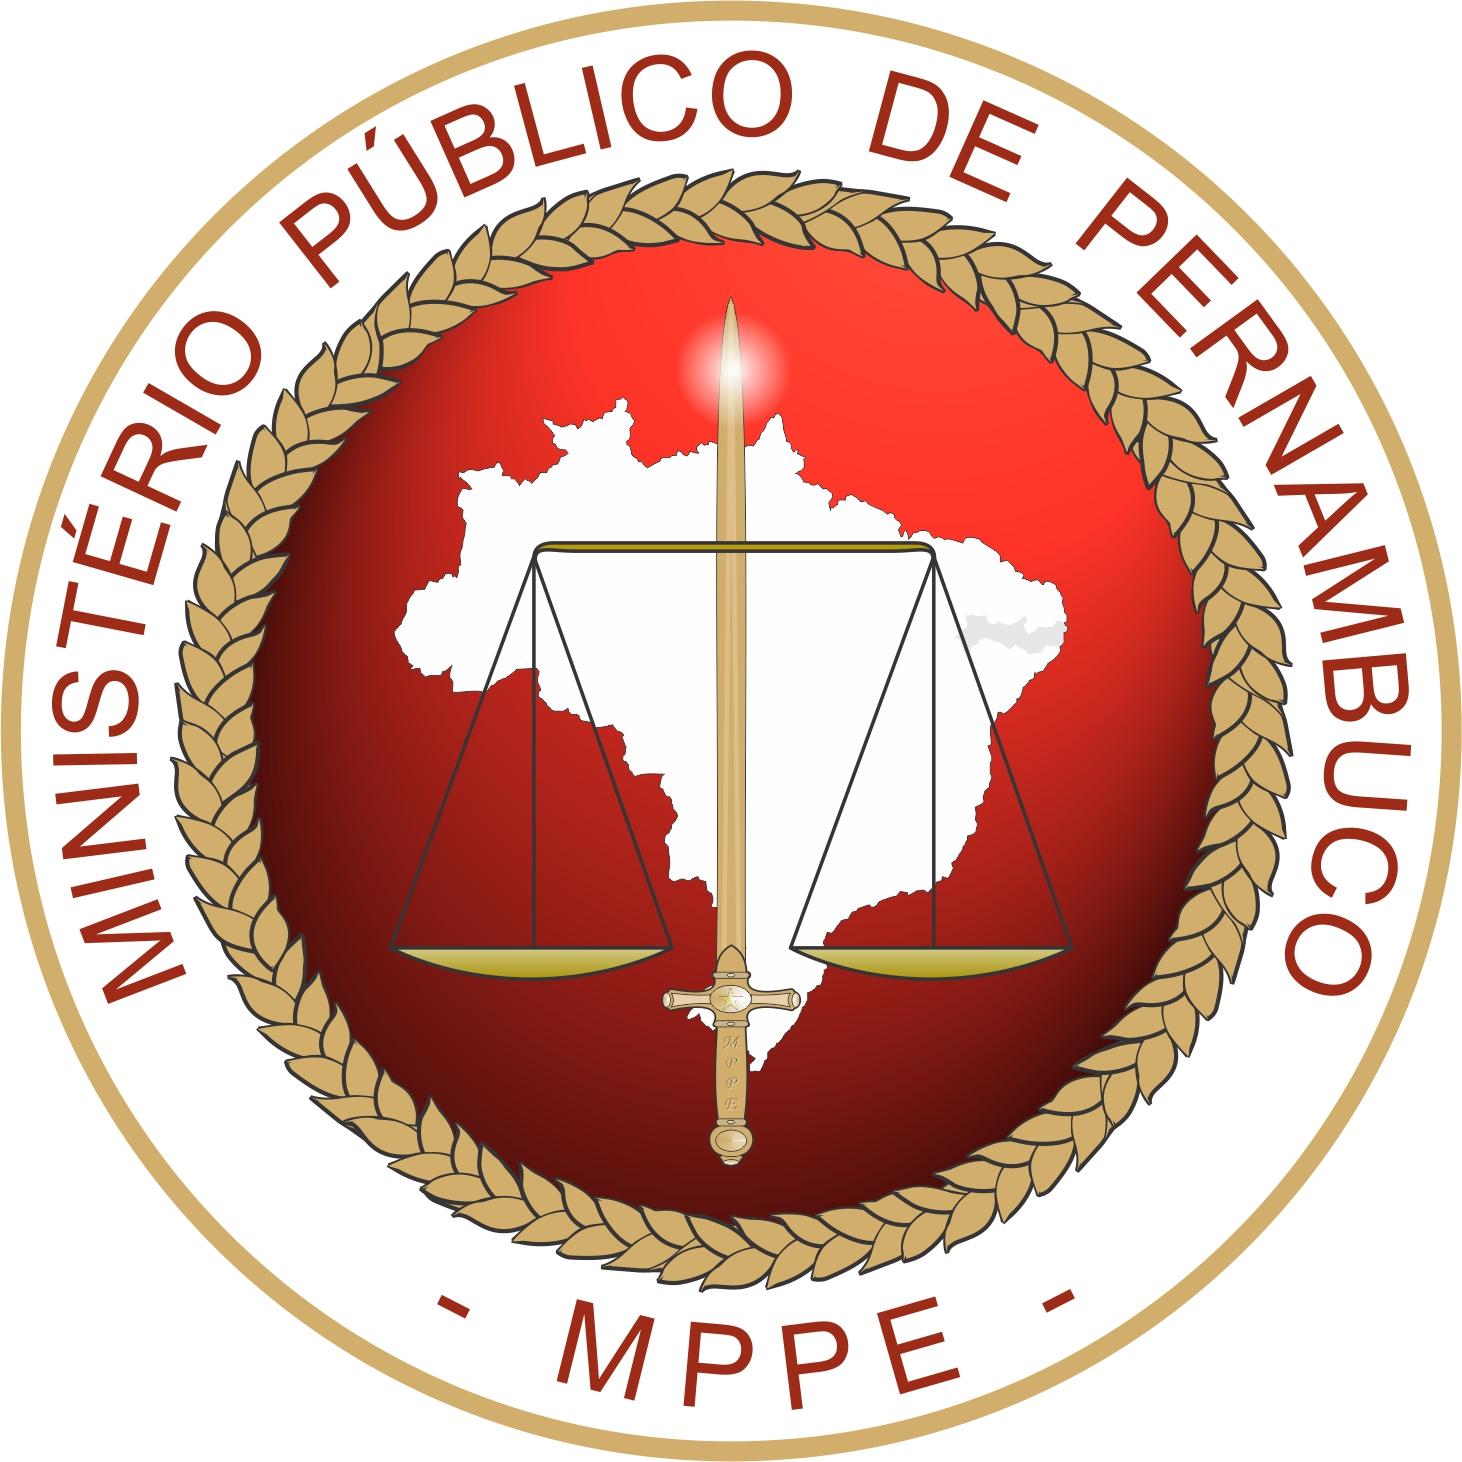 Concurso MP PE: brasão do orgão